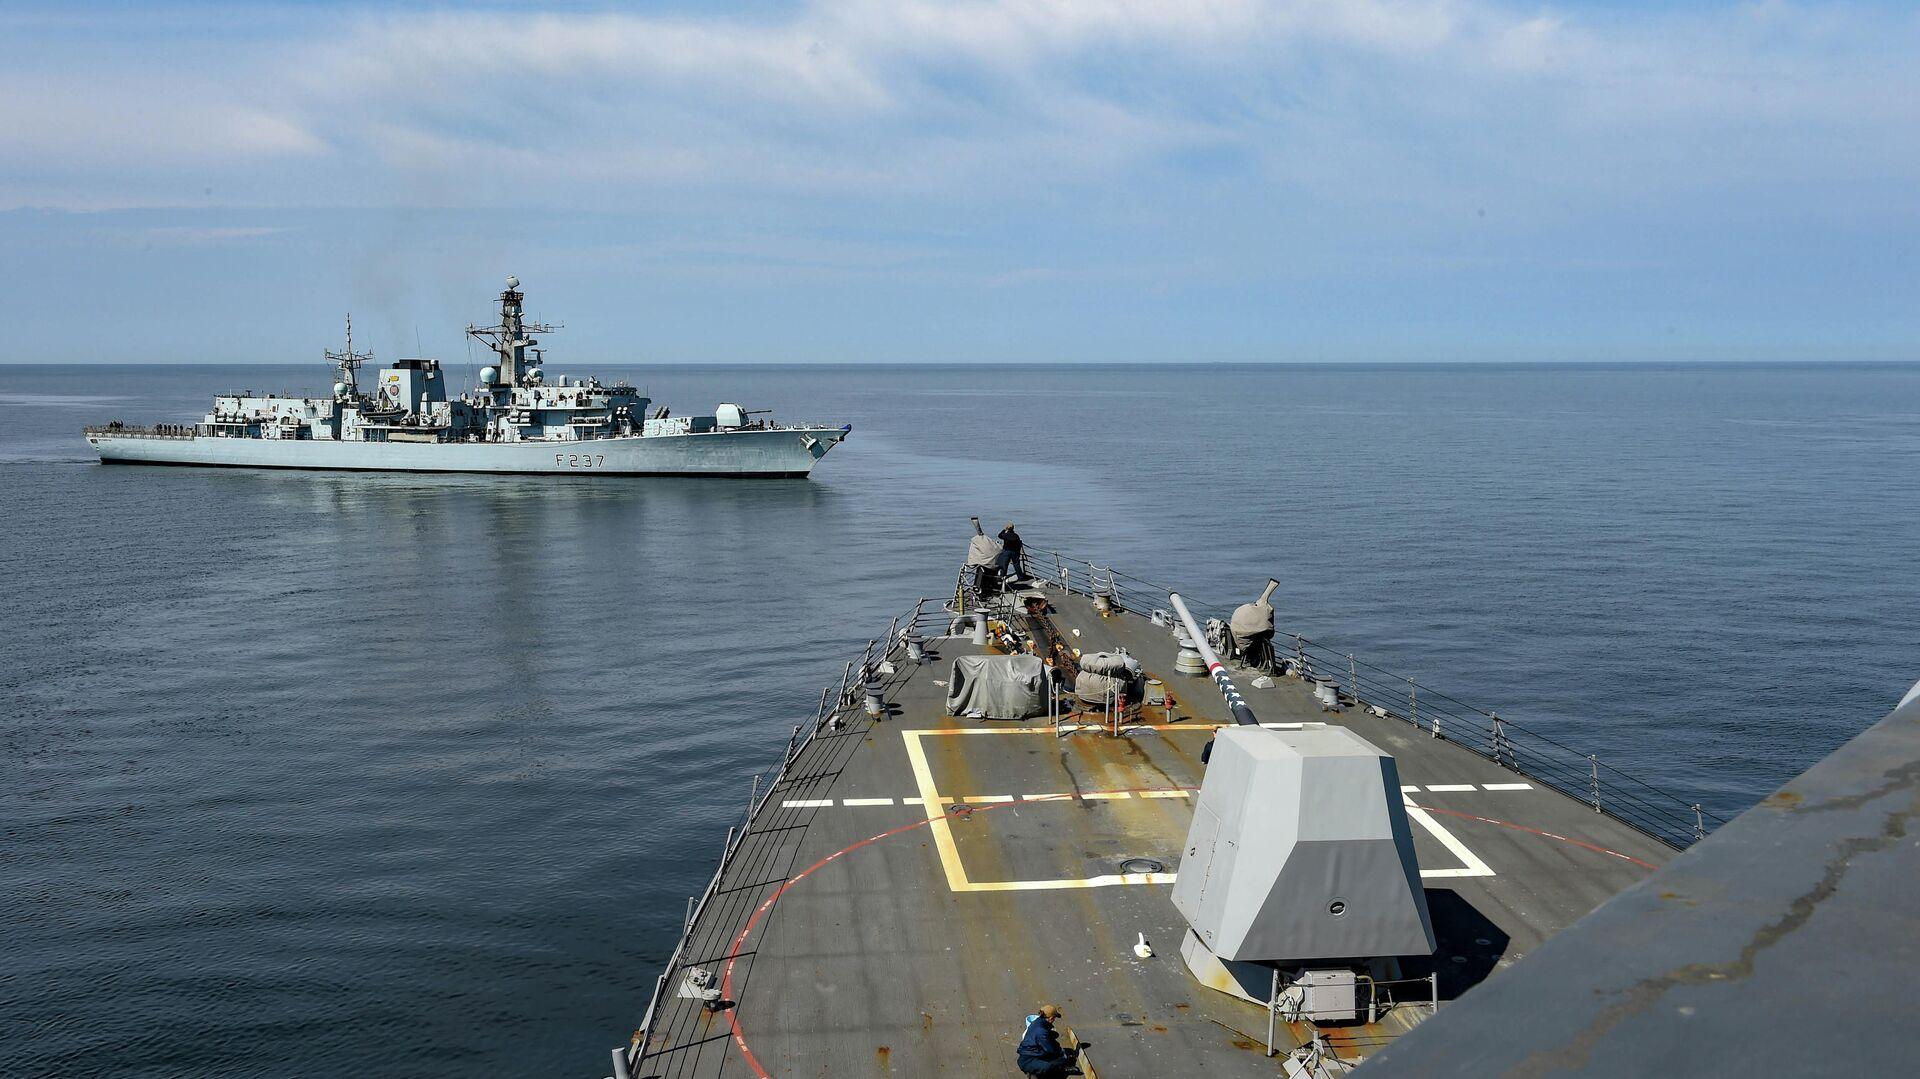 Корабли из состава первой постоянной морской группы, эсминец США USS Gravely и британский фрегат HMS Westminster проводят учения по буксировке в Балтийском море. 1 мая 2019 - РИА Новости, 1920, 14.09.2020